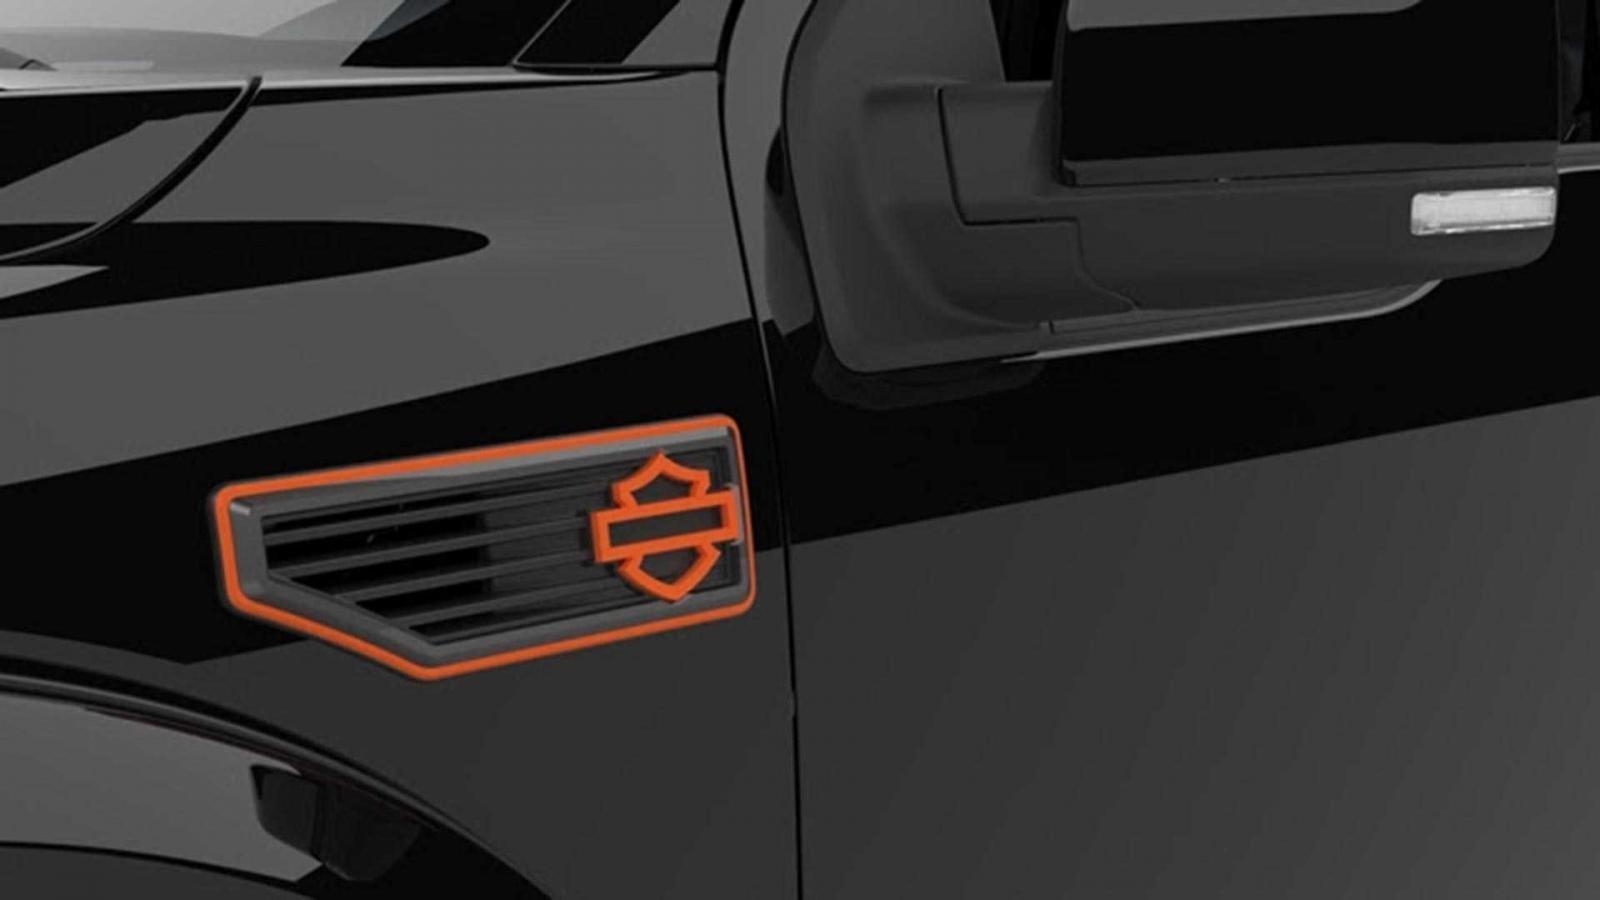 Logo biểu tượng của Harley-Davidson có màu cam trên xe